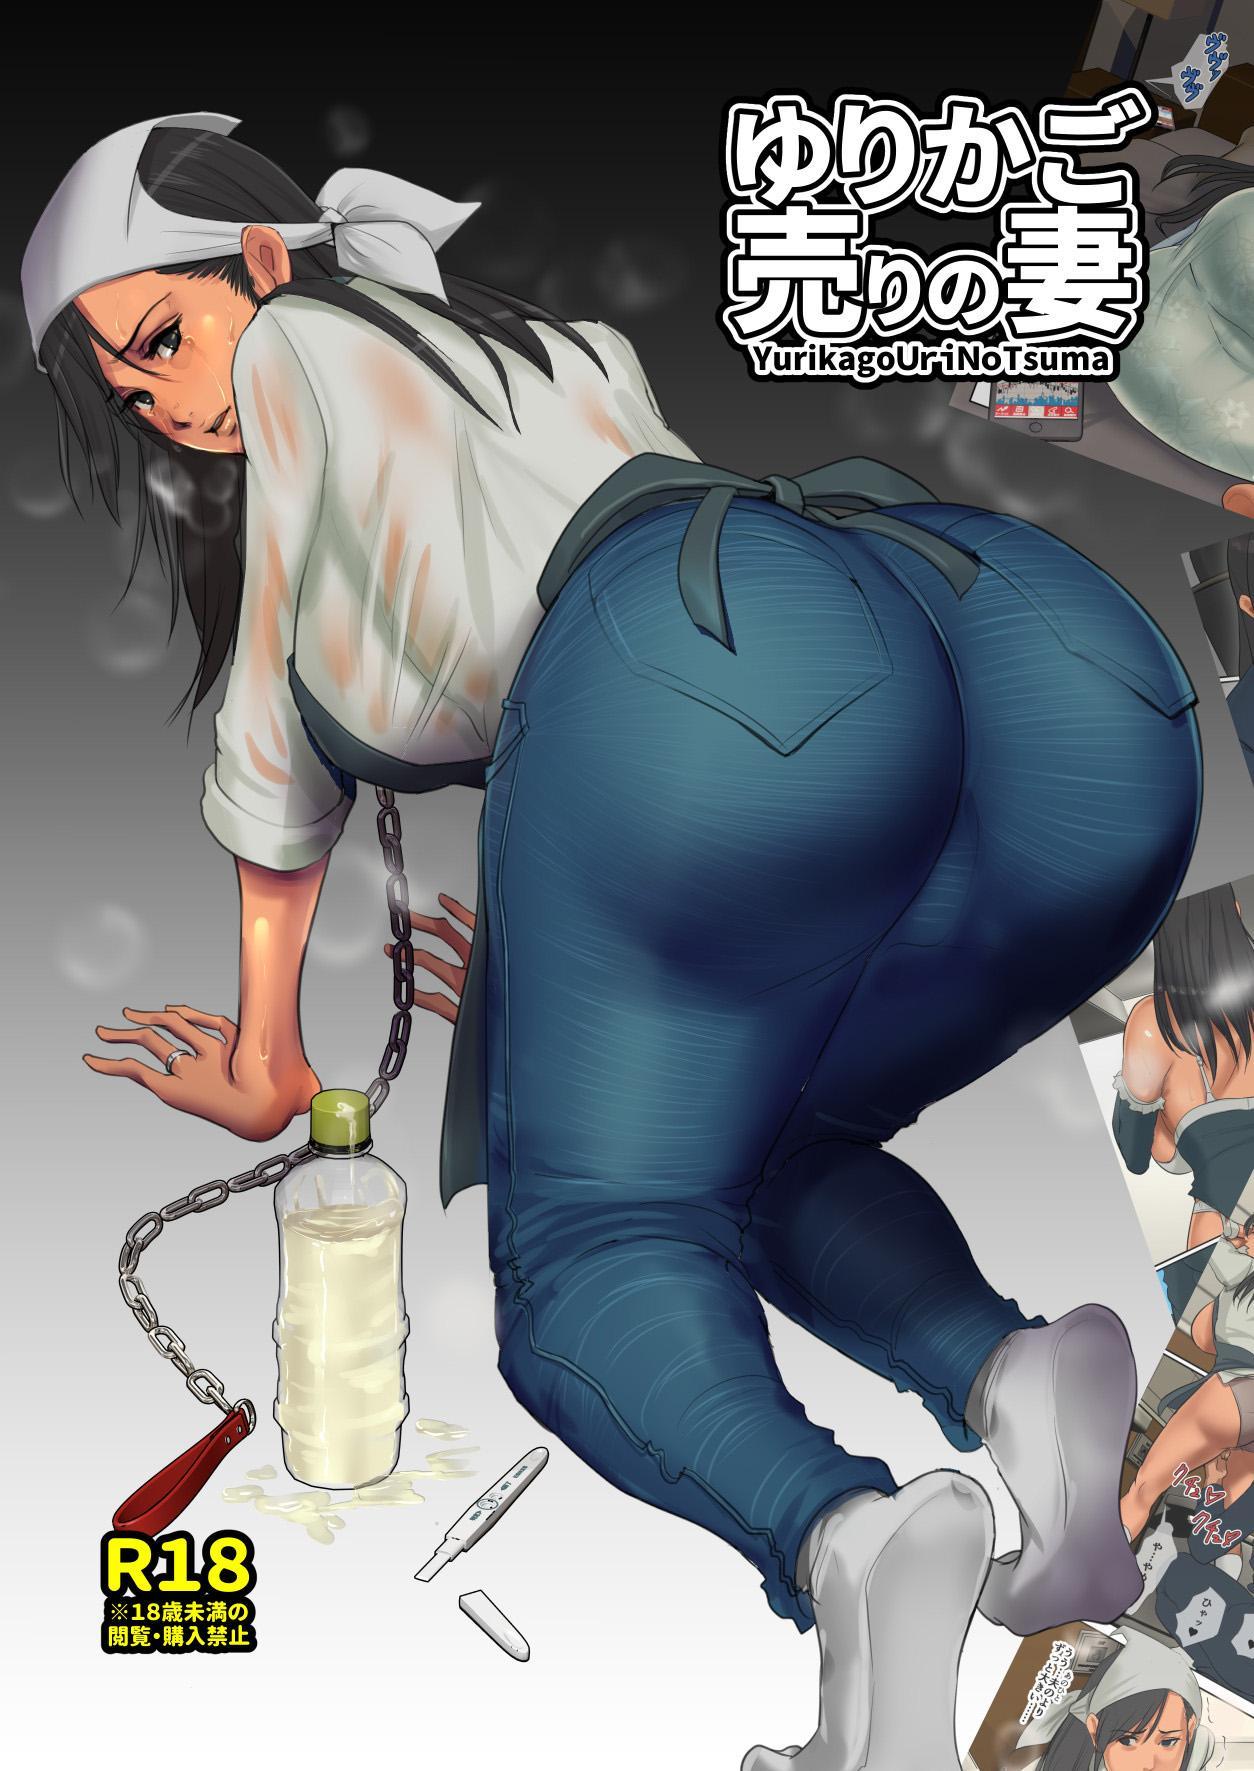 Yurikago Uri no Tsuma 0